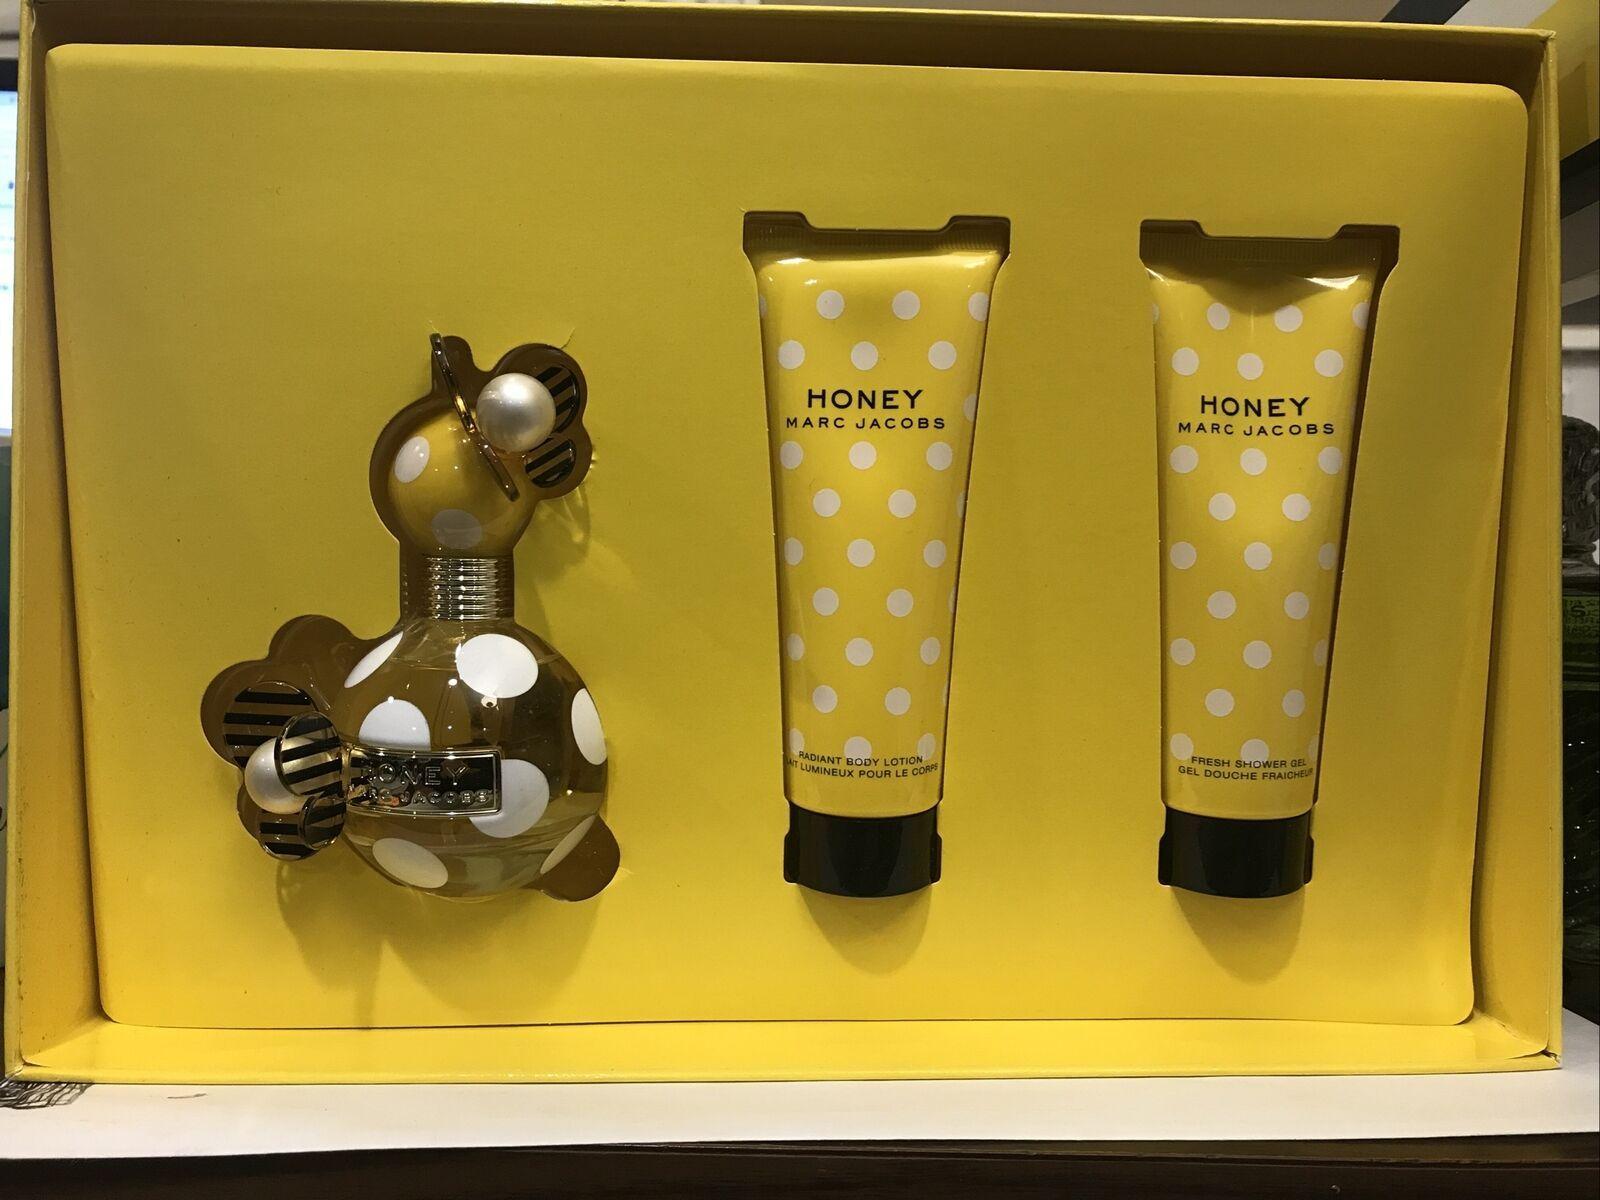 Aaaaaaamarc jacobs honey perfume set